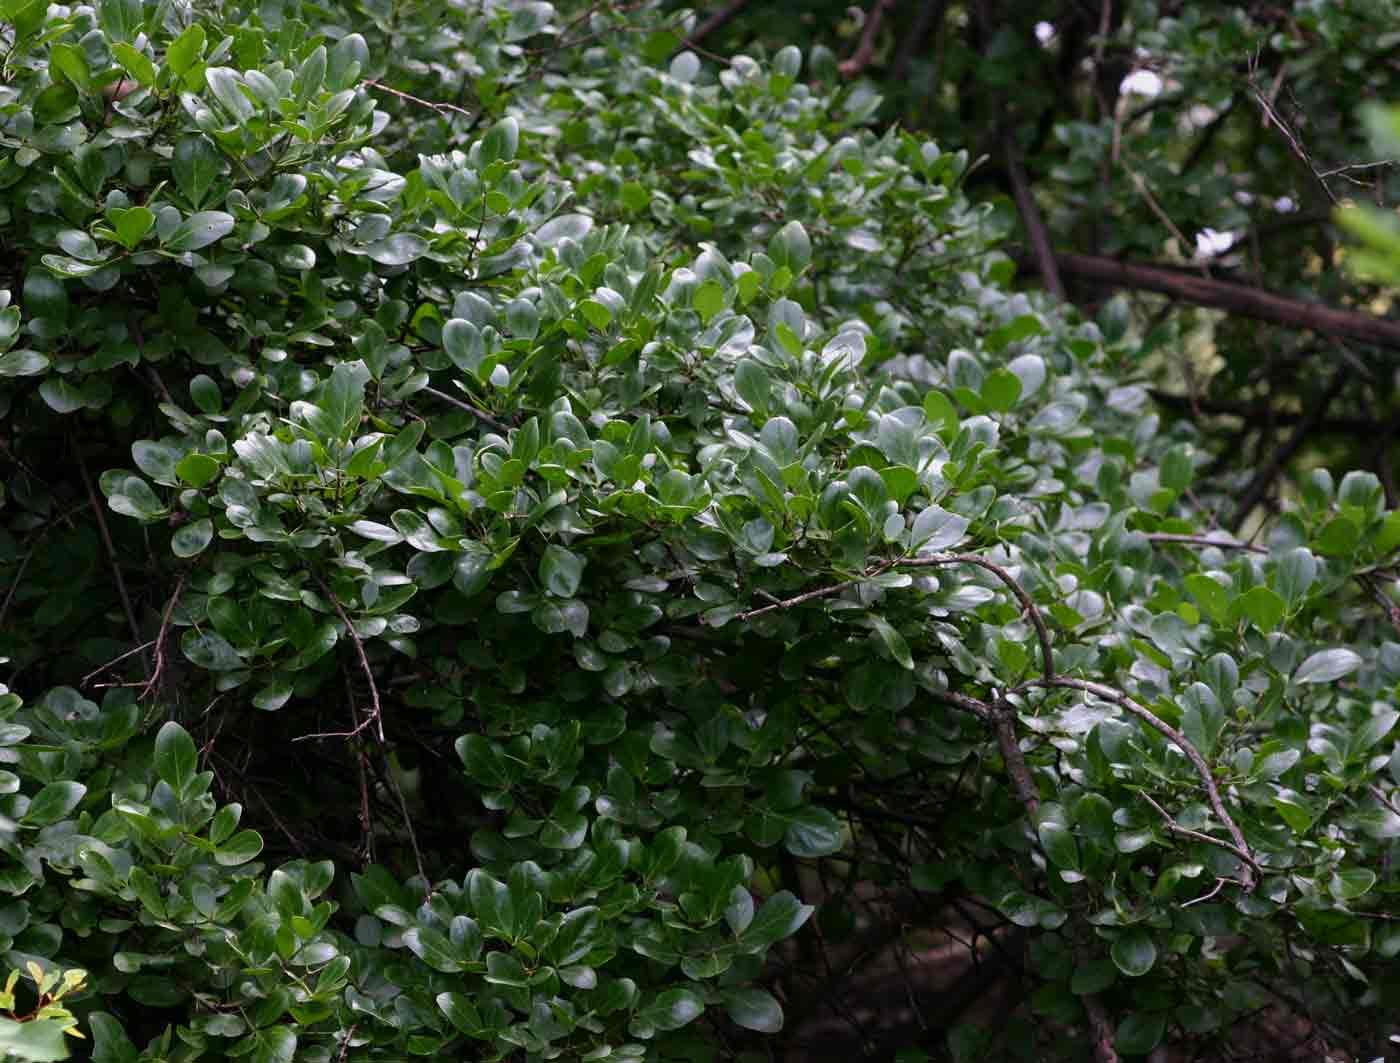 Maerua triphylla subsp. pubescens